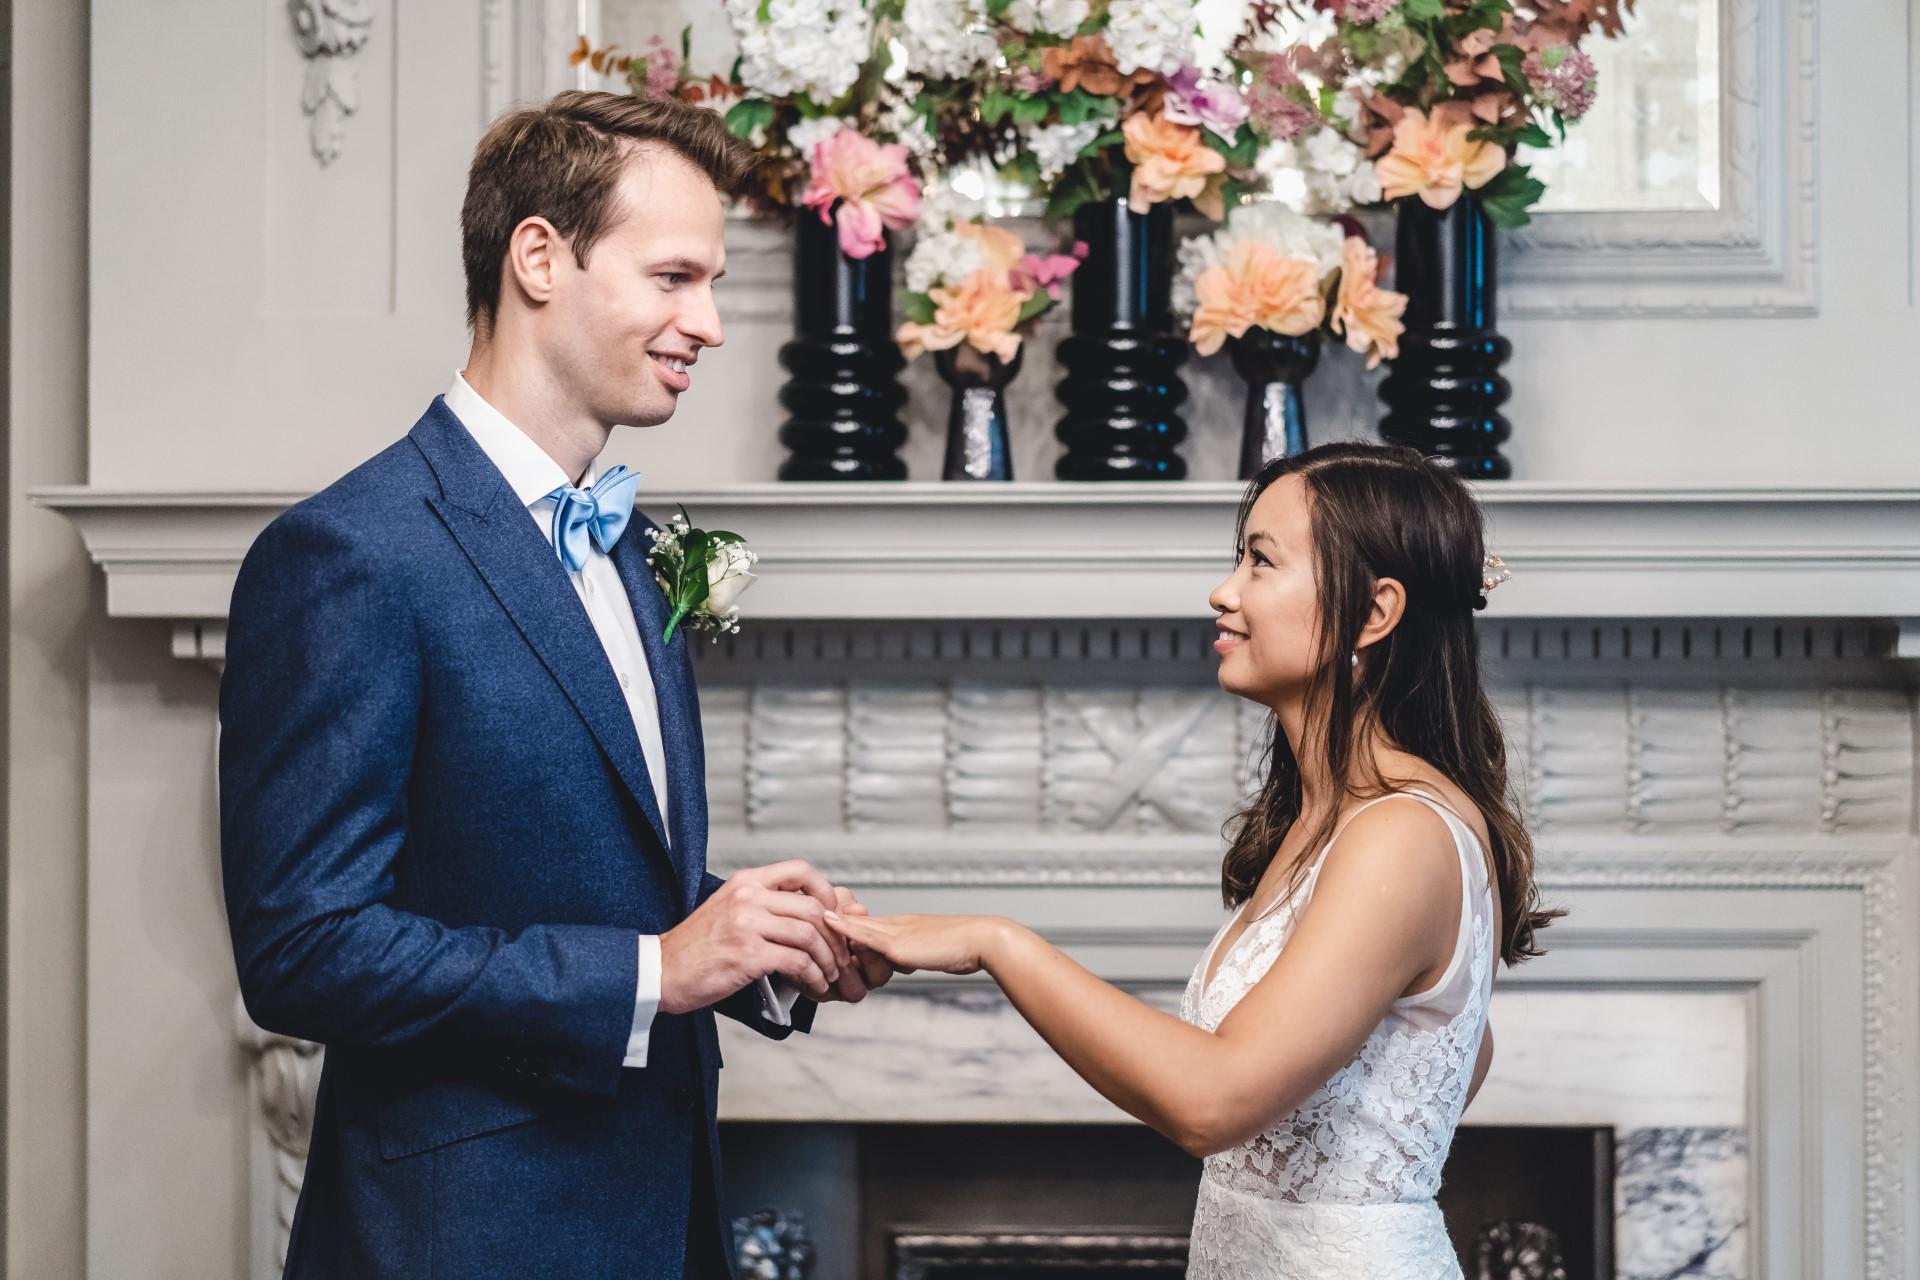 Marylebone Town Hall Photographes de mariage | les mariés échangent des alliances